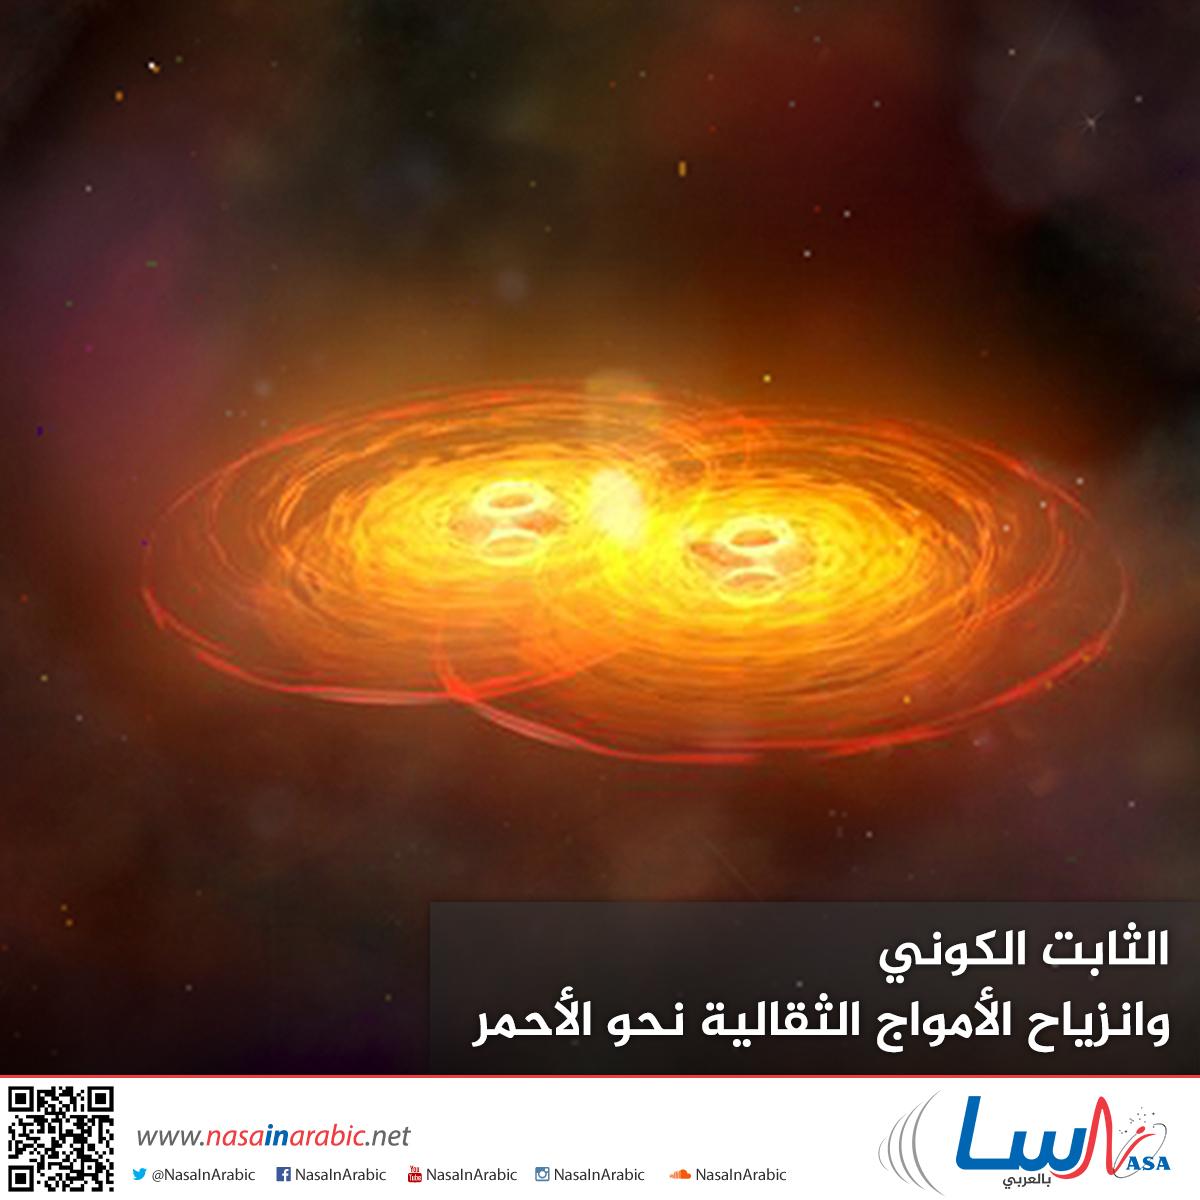 الثابت الكوني وانزياح الأمواج الثقالية نحو الأحمر